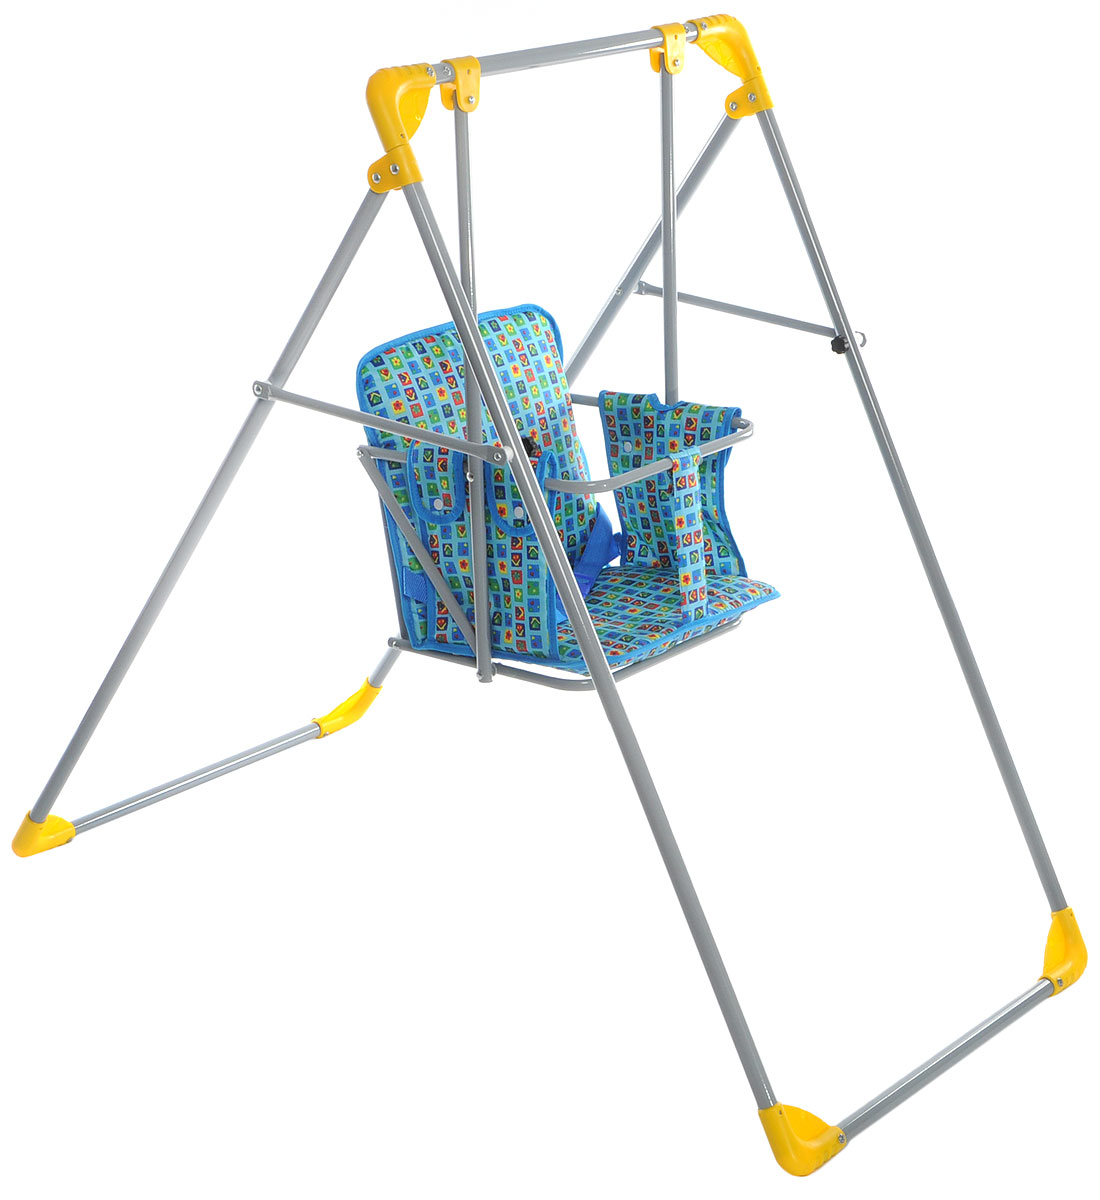 Фея Качели Чарли цвет голубой желтый - Игры на открытом воздухе